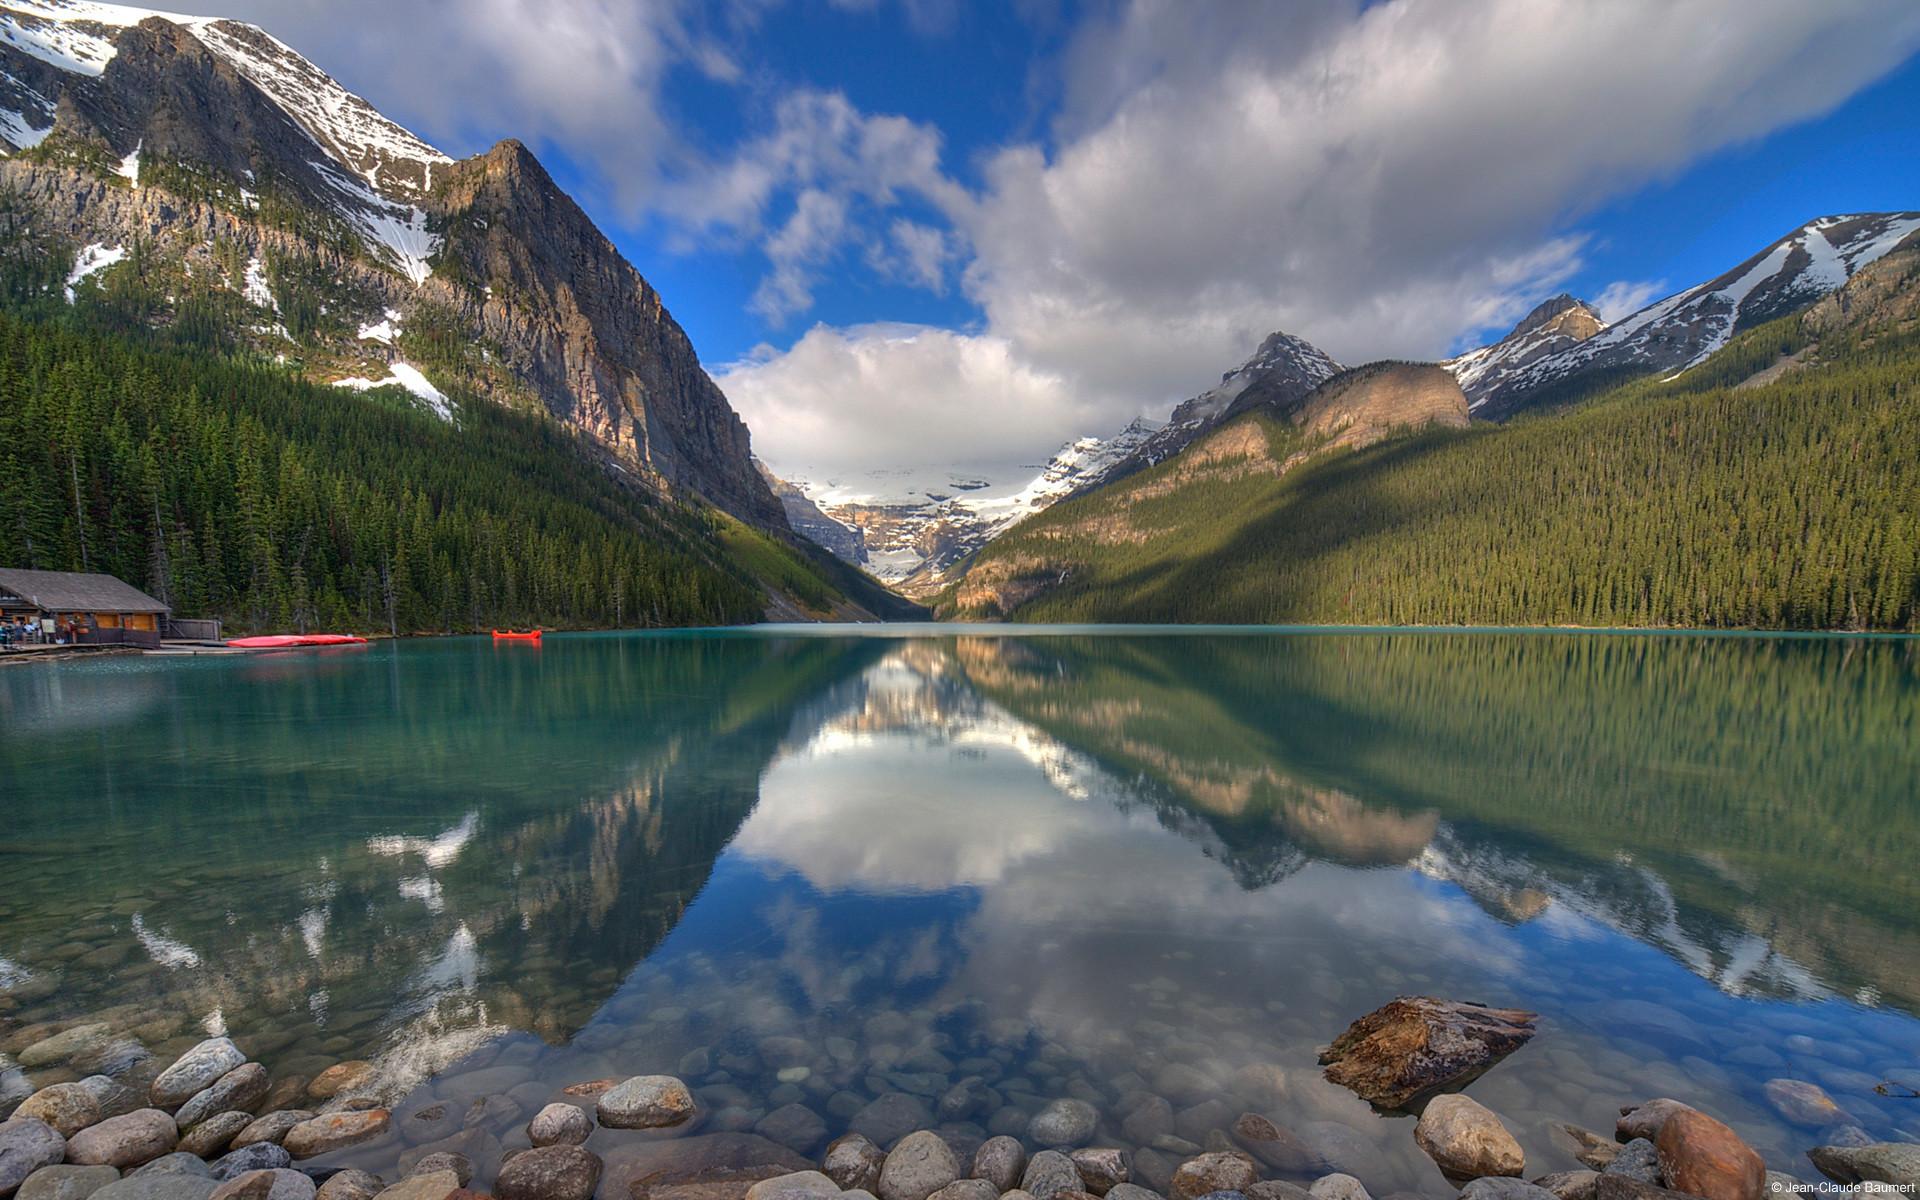 New Zealand Desktop Wallpapers - Banff National Park - HD Wallpaper